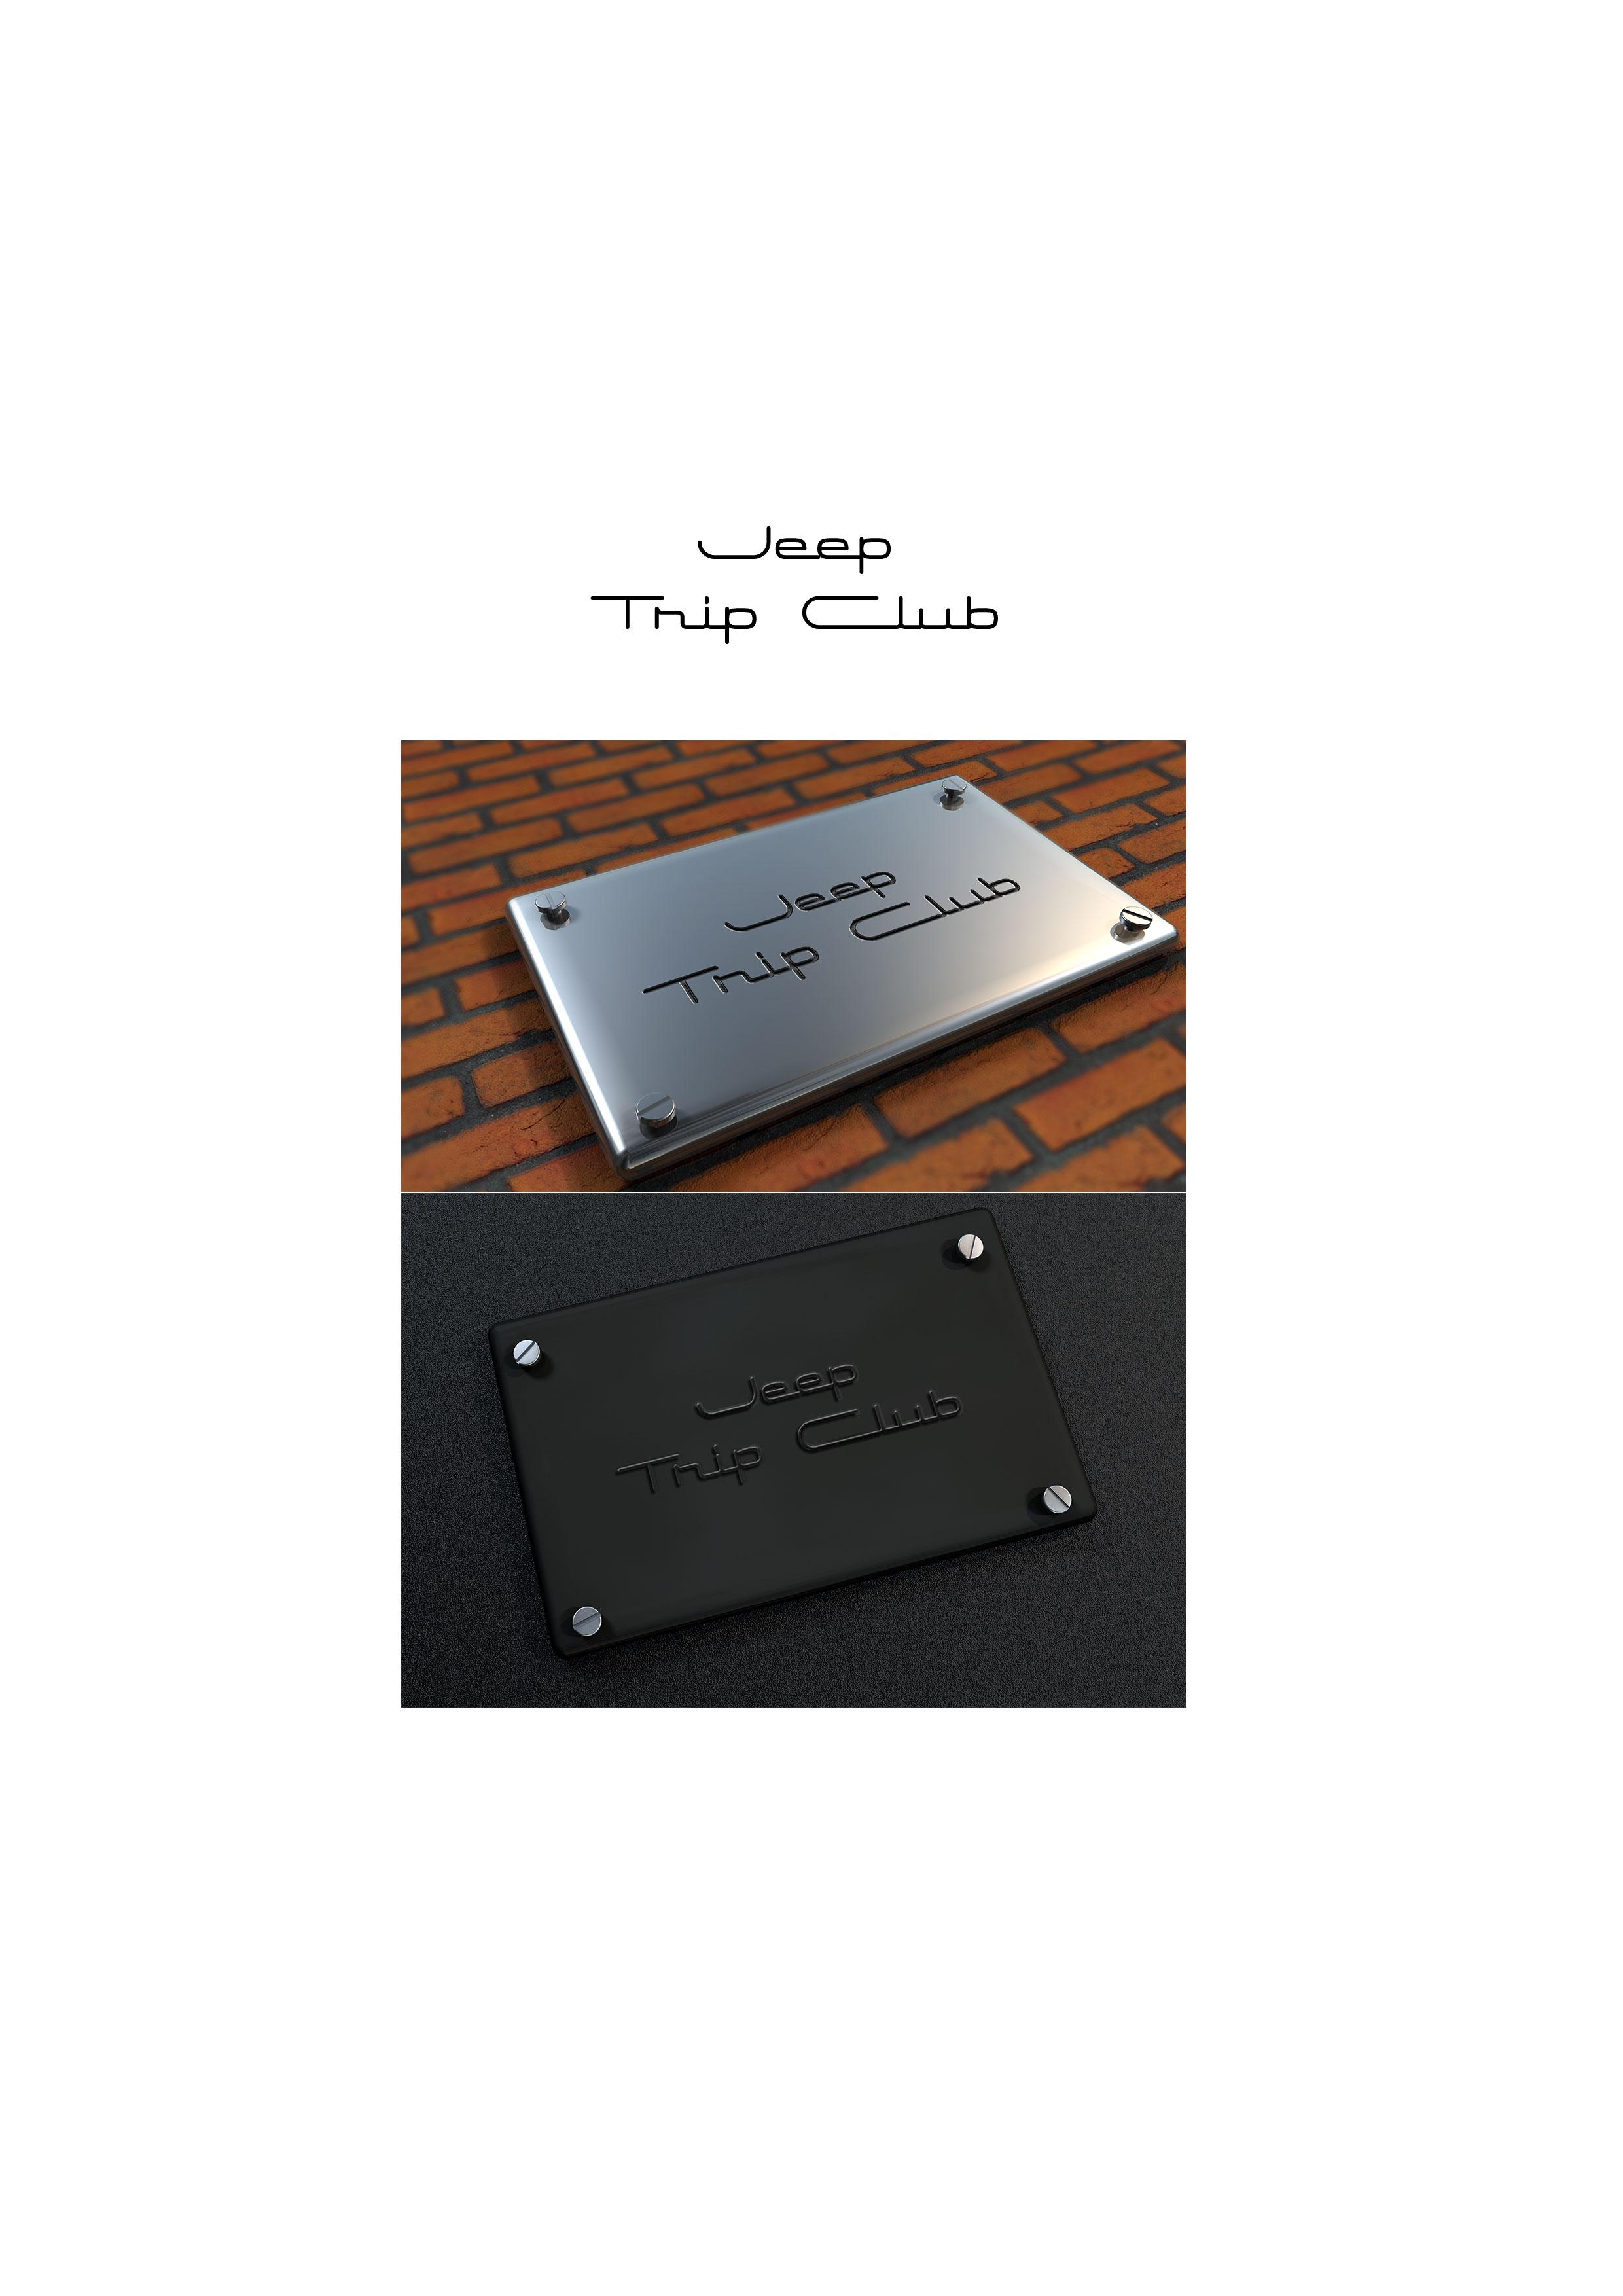 Создать или переработать логотип для Jeep Trip Club фото f_402542bb907c4505.jpg